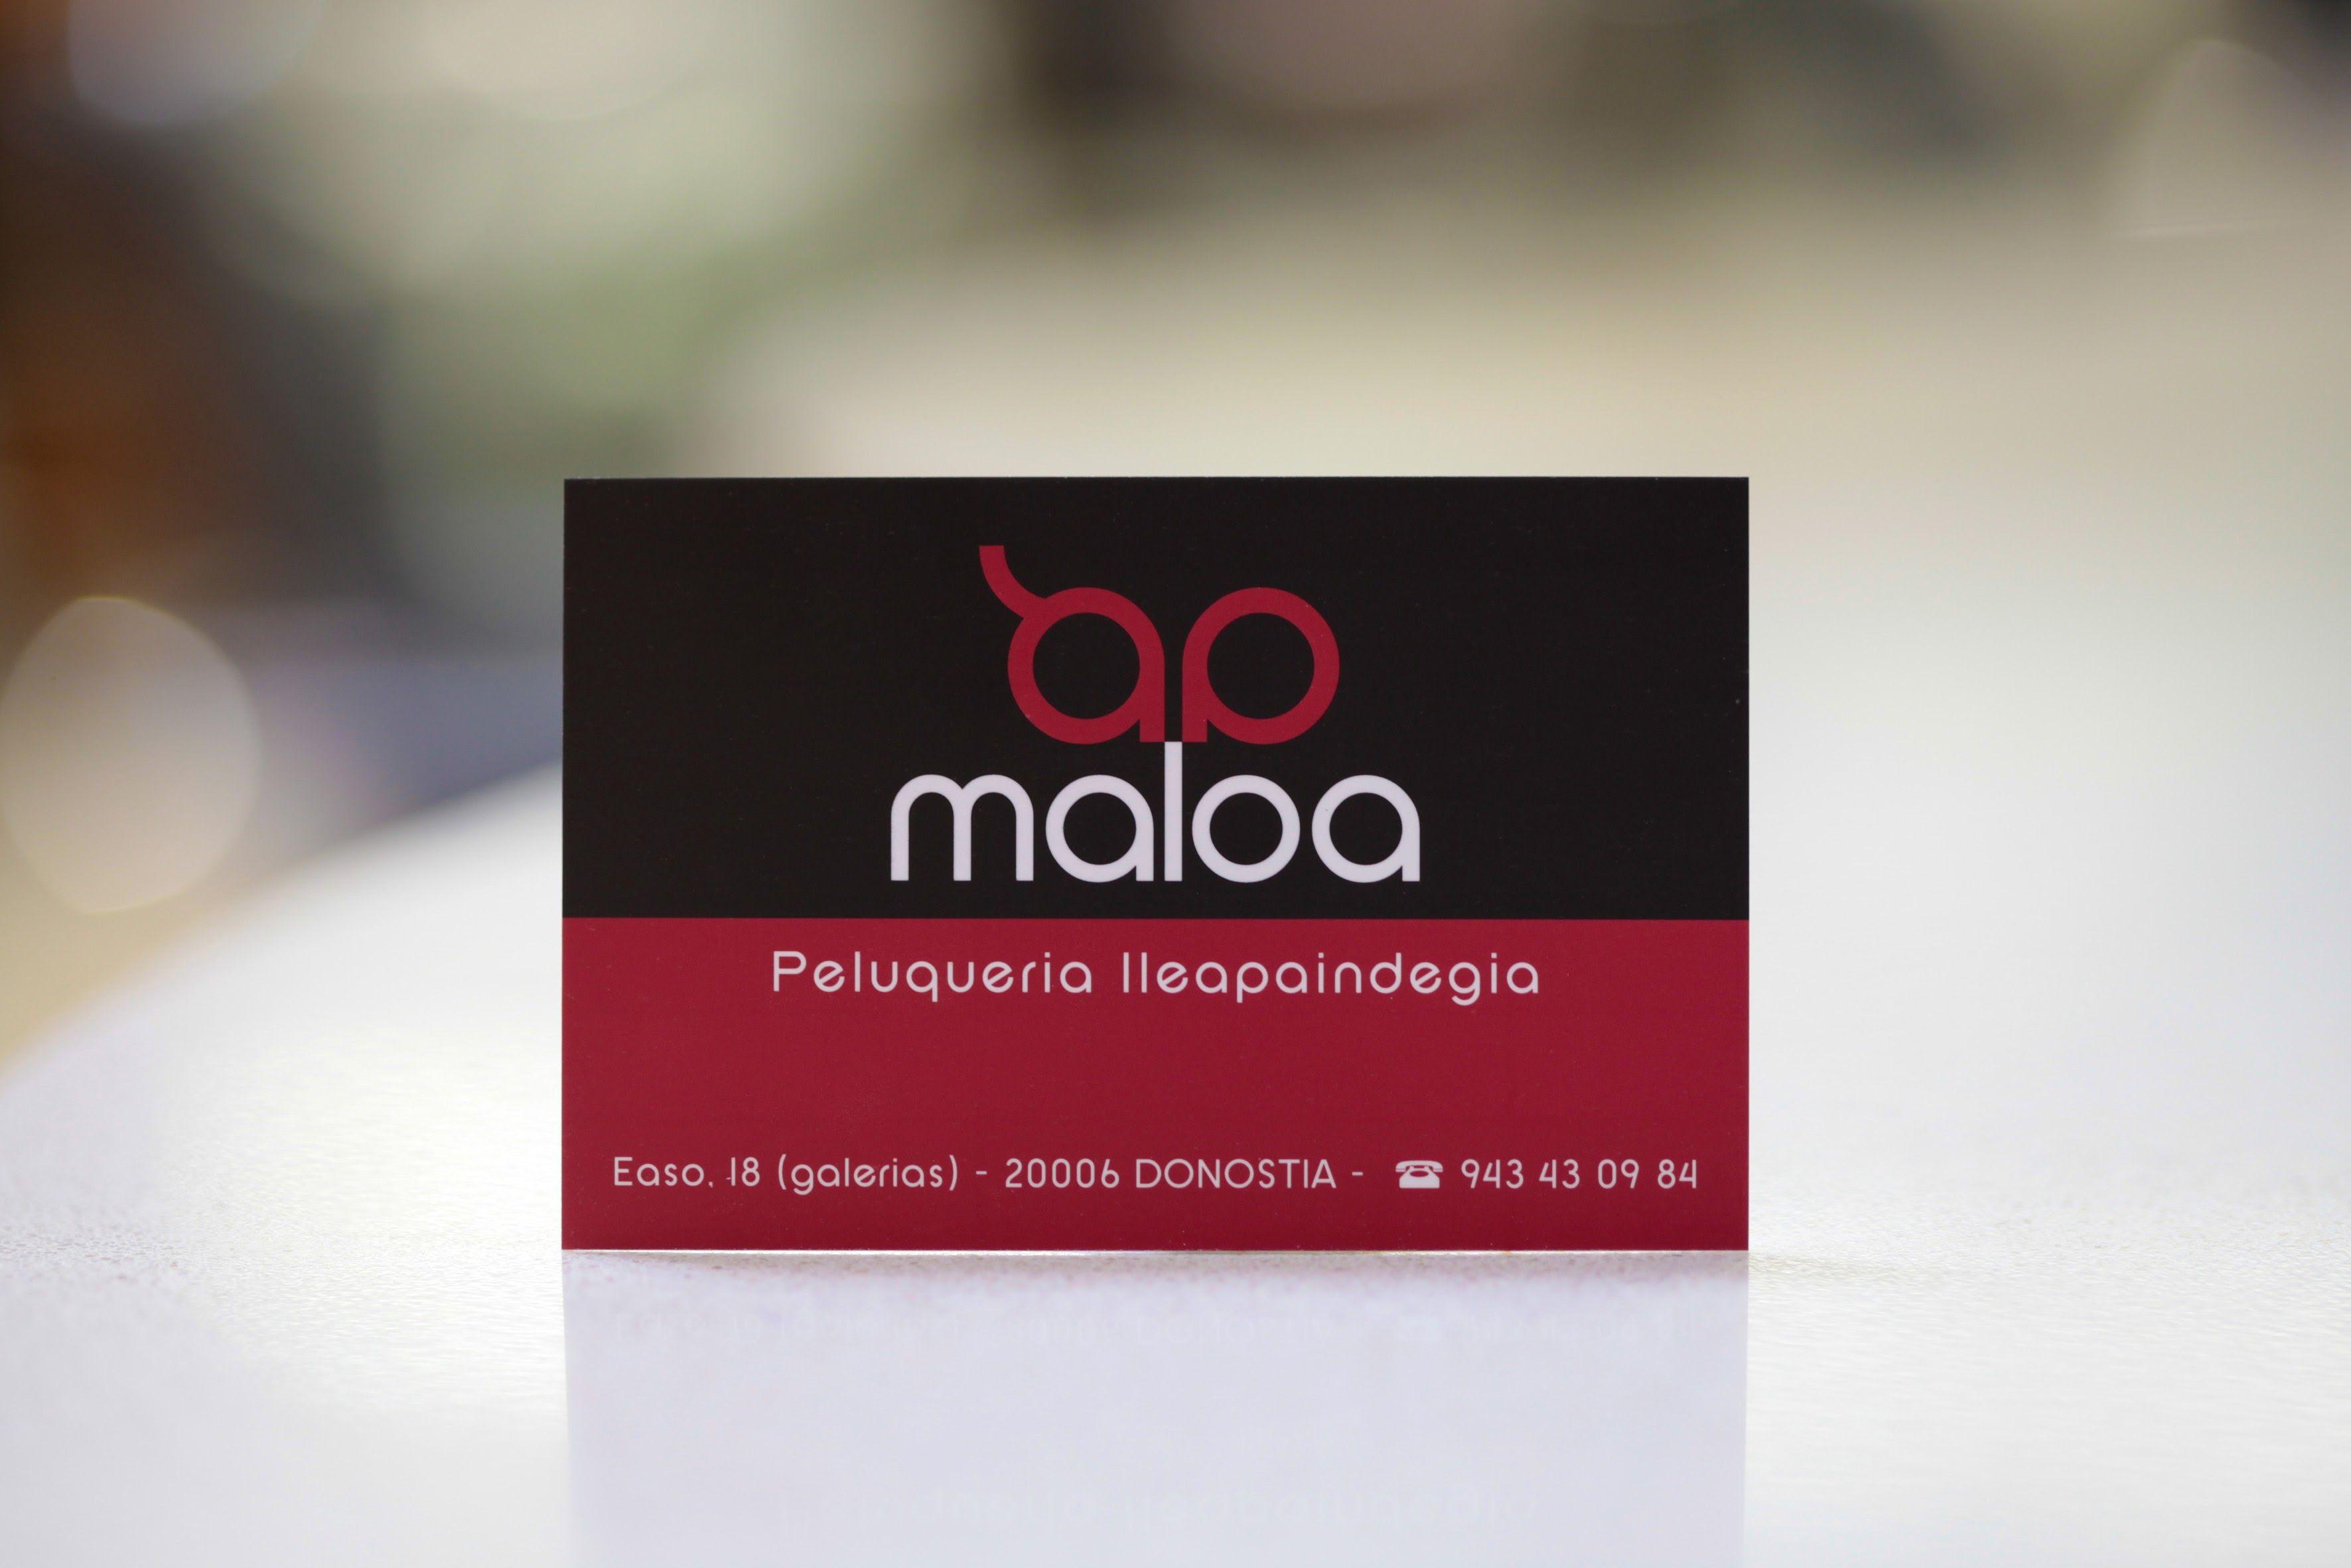 Foto 5 de Peluquerías de hombre y mujer en Donostia | Peluquería Maloa